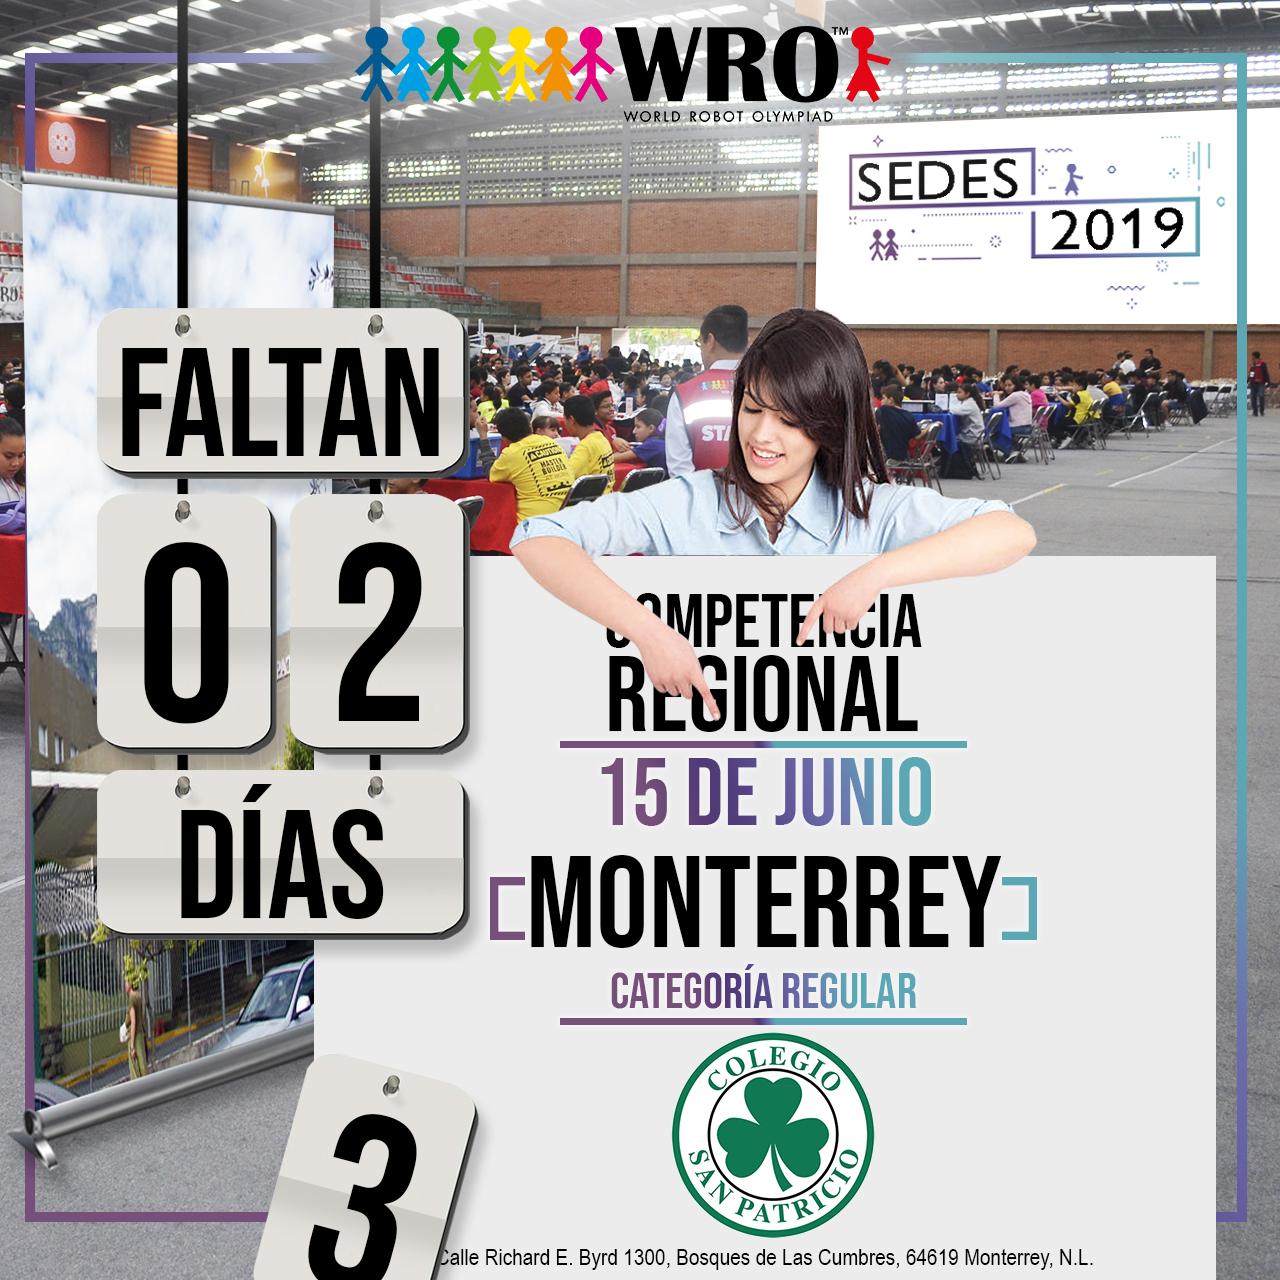 WRO México | Faltan 2 días Sede Monterrey